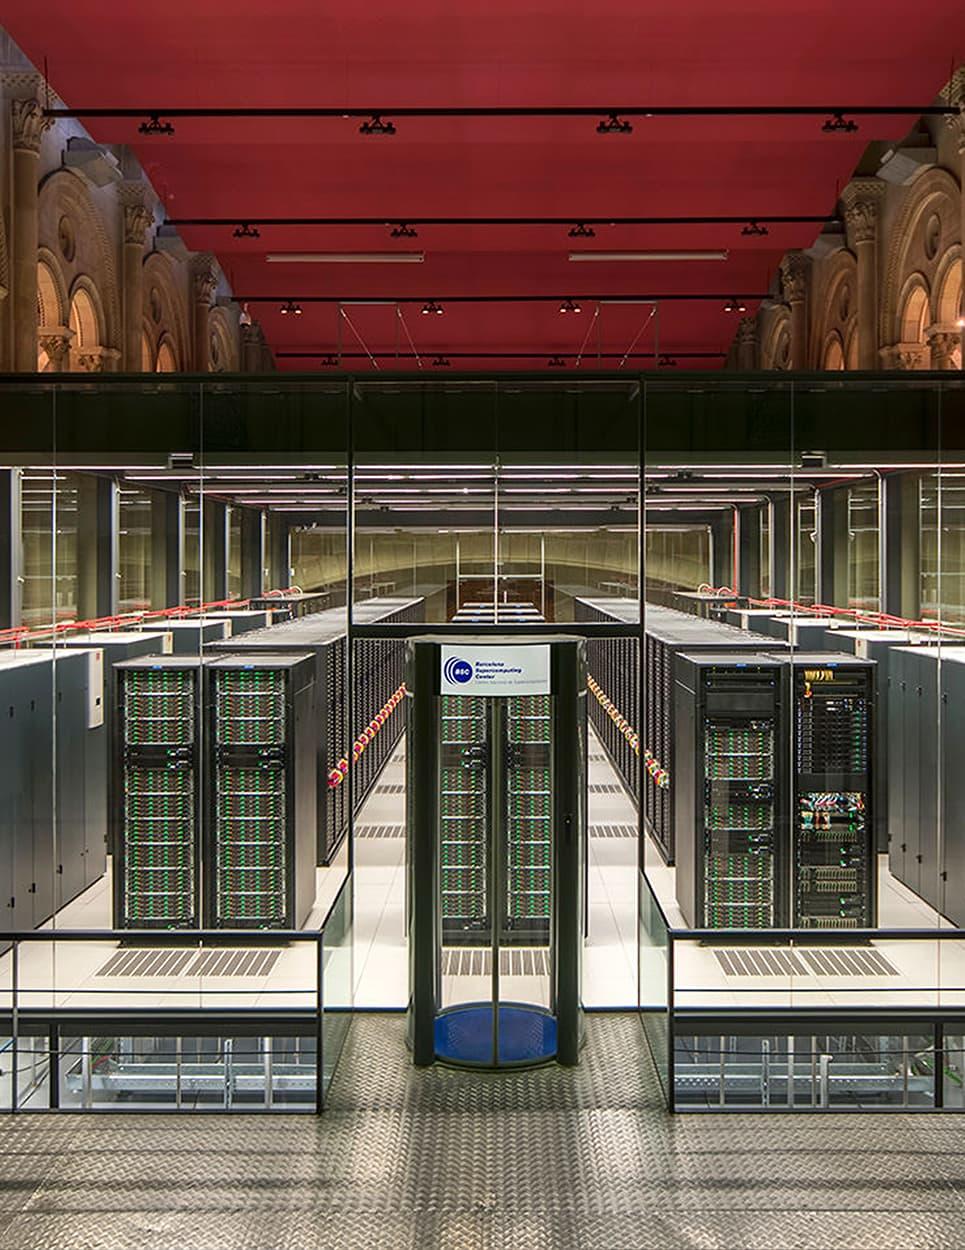 barcelona supercomputer in a church